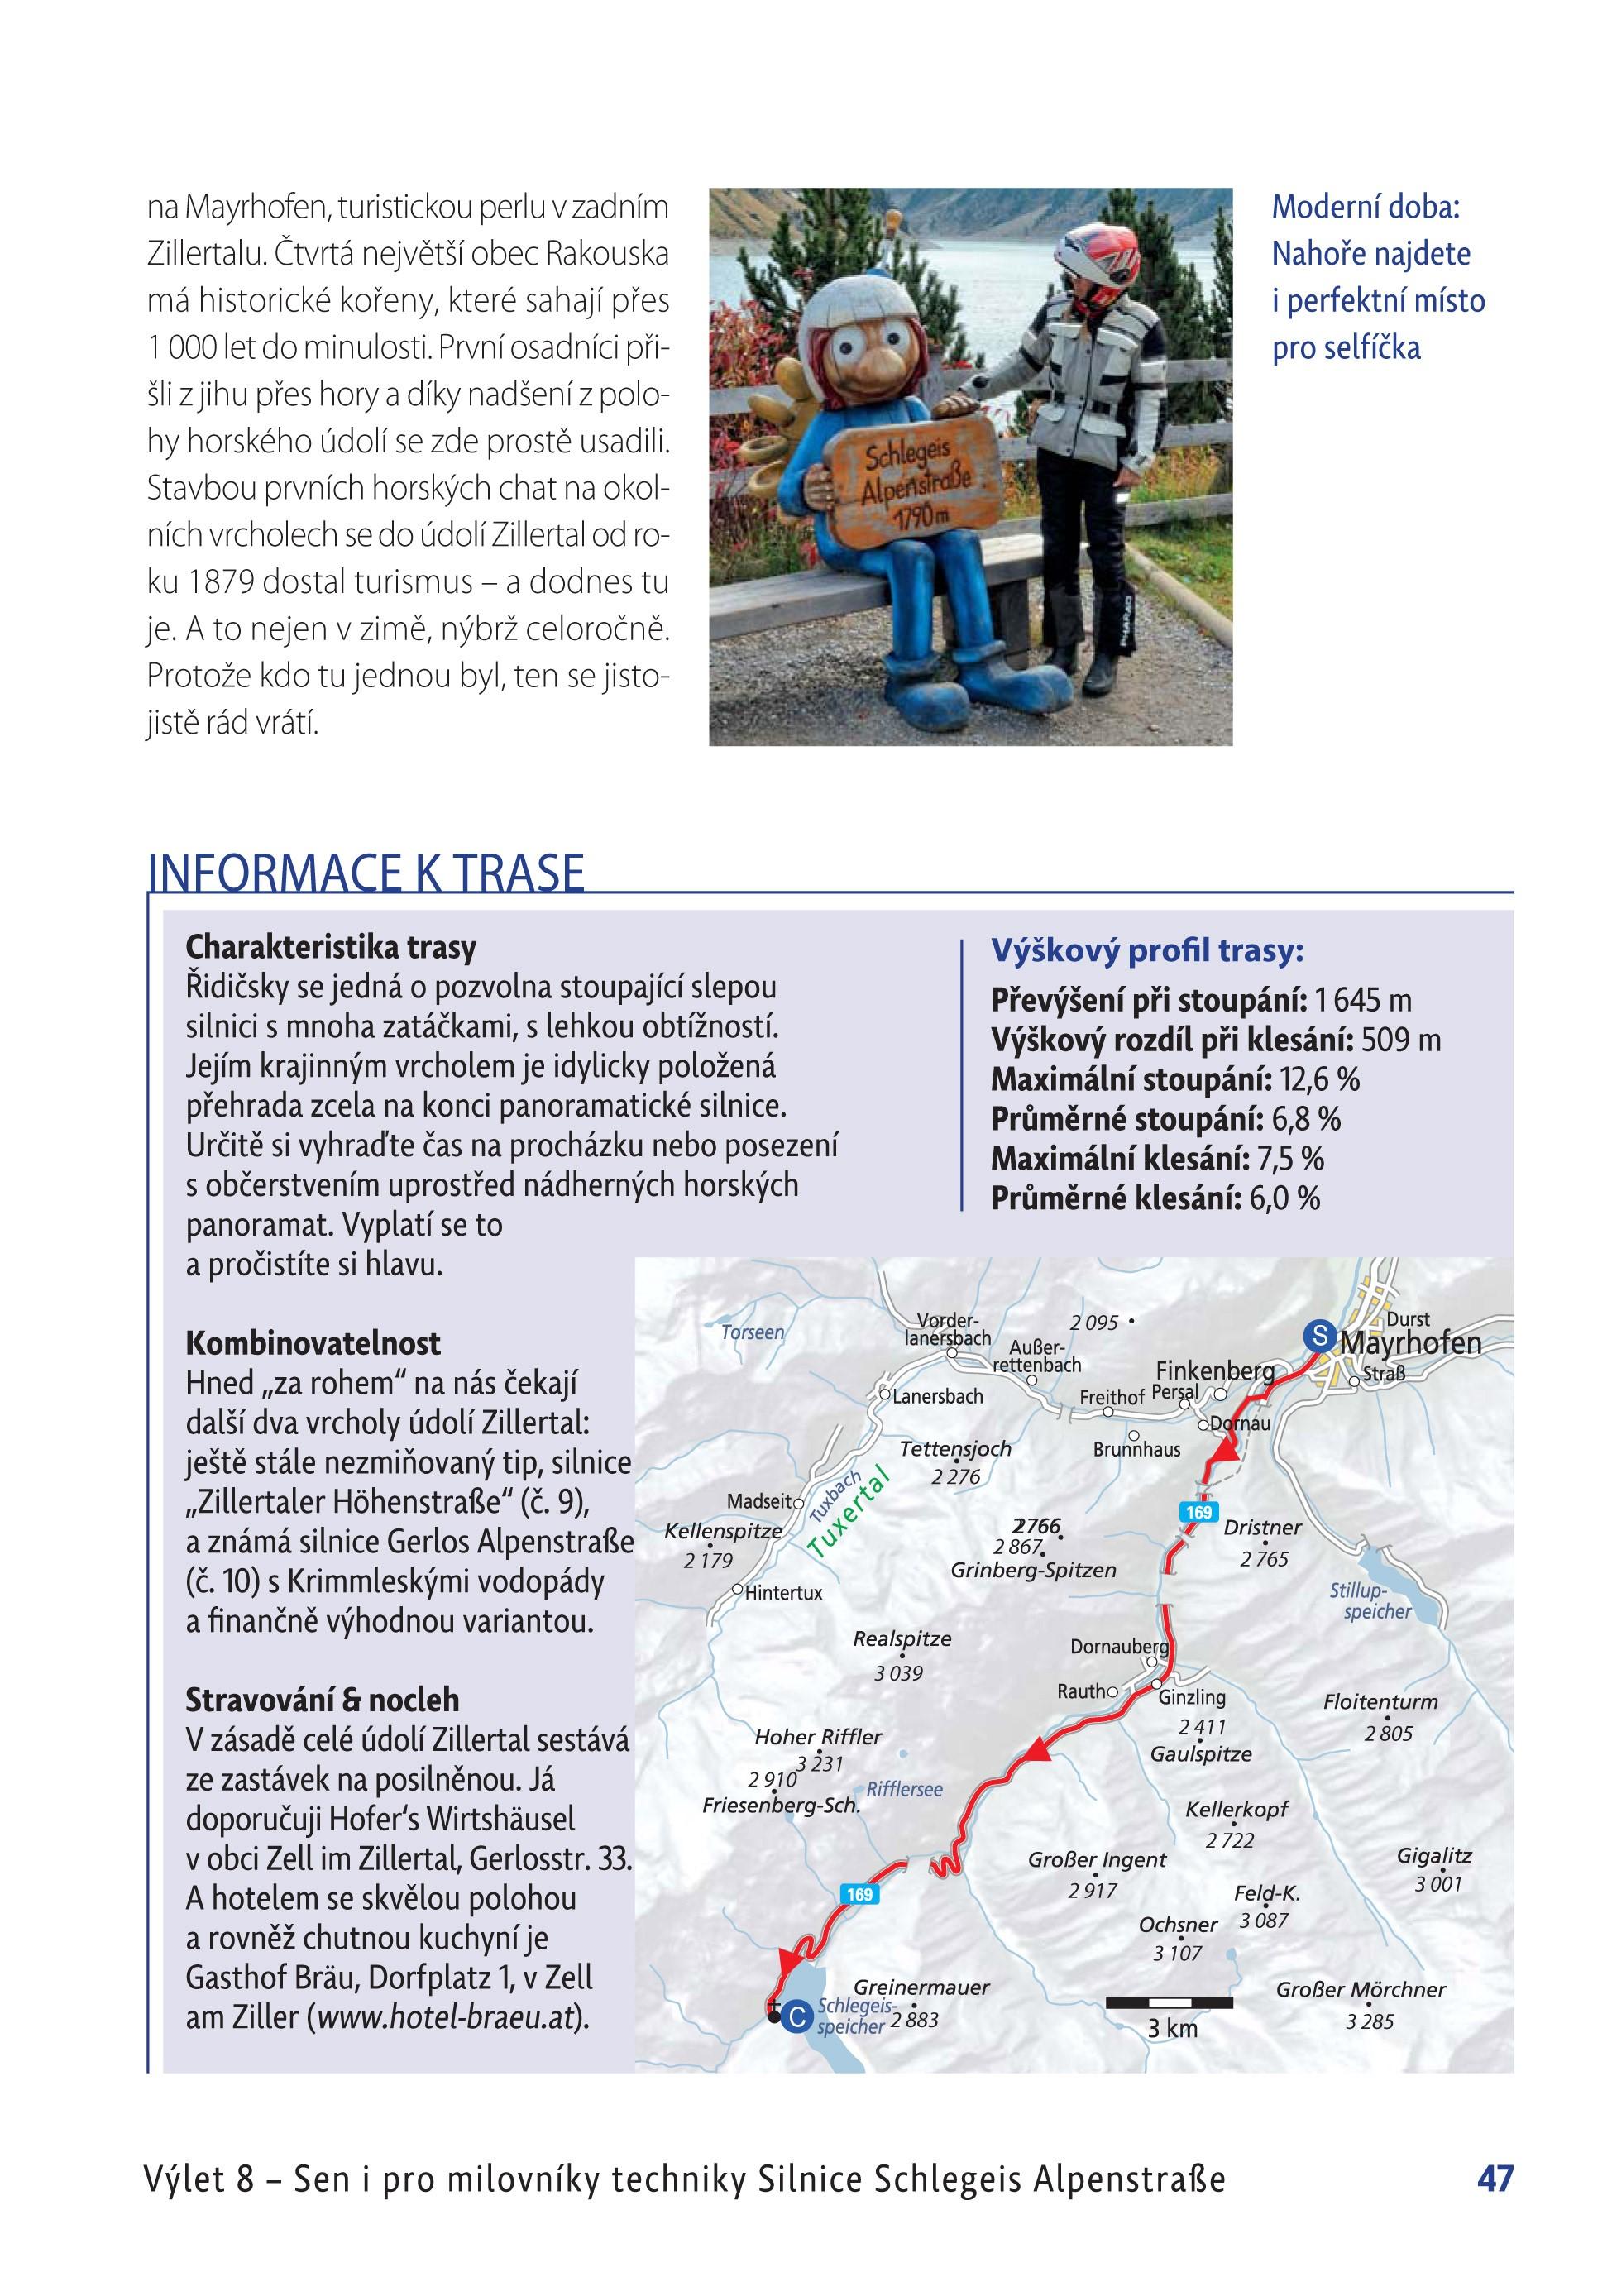 Nejkrásnější alpské silnice pro motorkáře · 0039211643 kc0307 011.jpg ·  0039211643 kc0307 047.jpg 304e4ef7e9